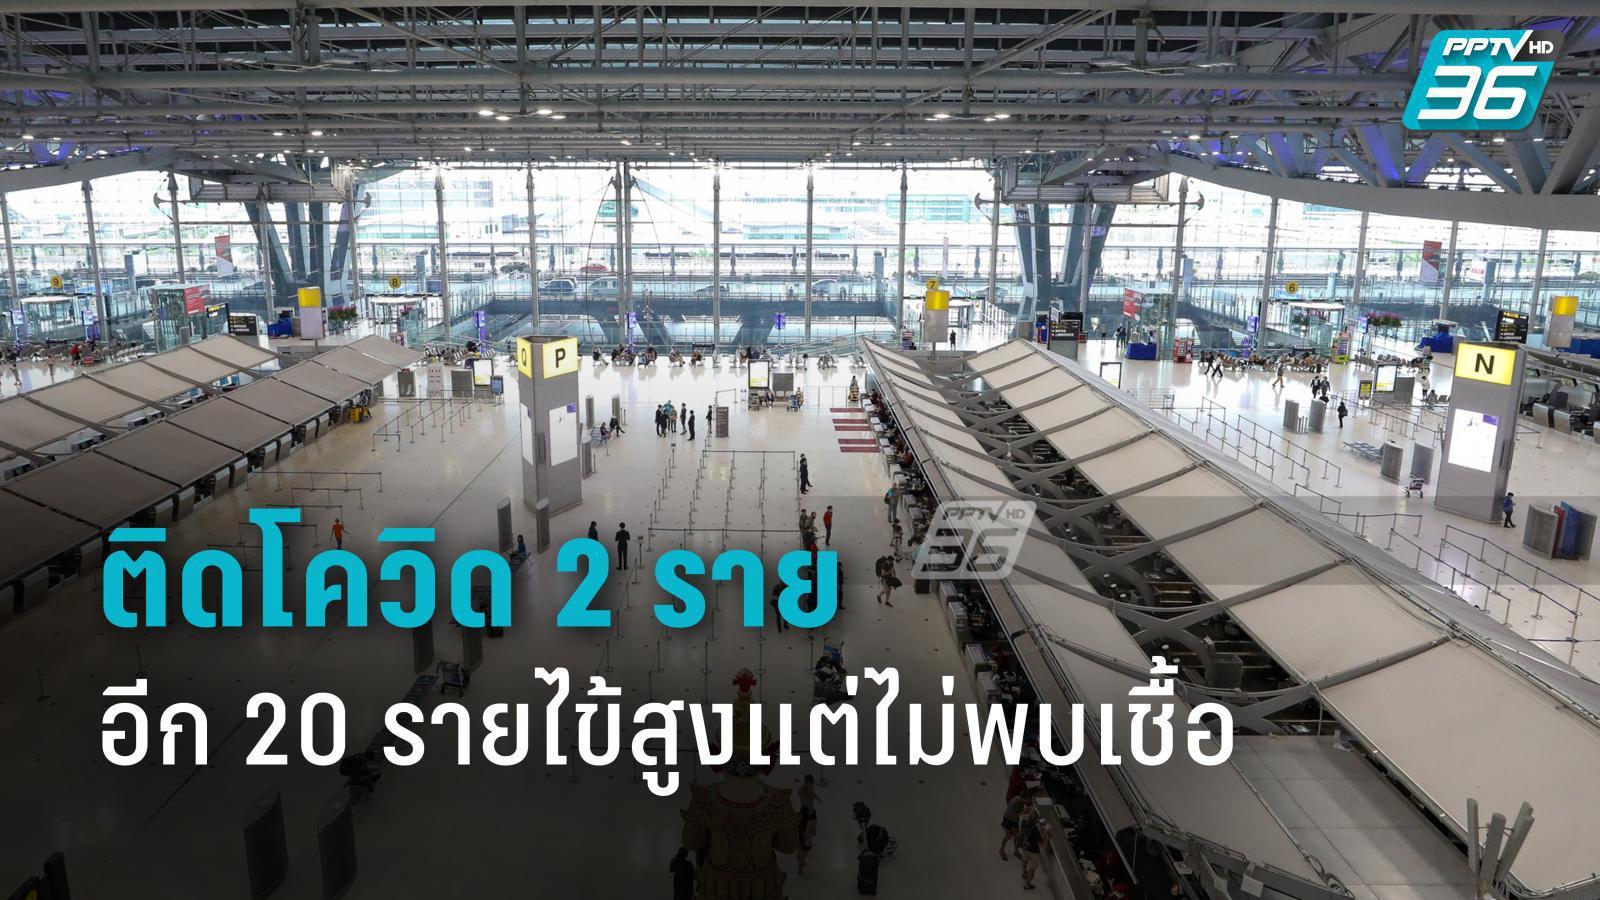 พบคนไทยกลับจากสิงคโปร์ ติดโควิด 2 ราย อีก 20 รายมีไข้สูง แต่ไม่พบเชื้อ